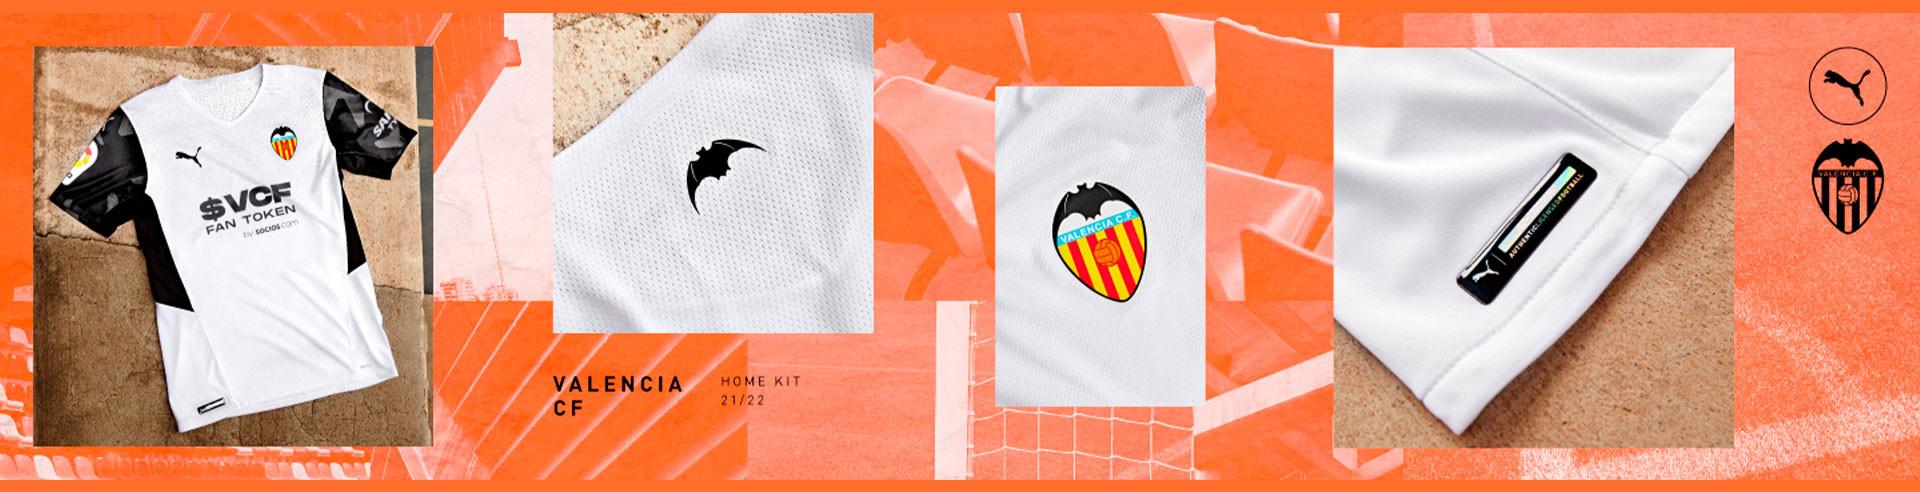 Valencia FC Home